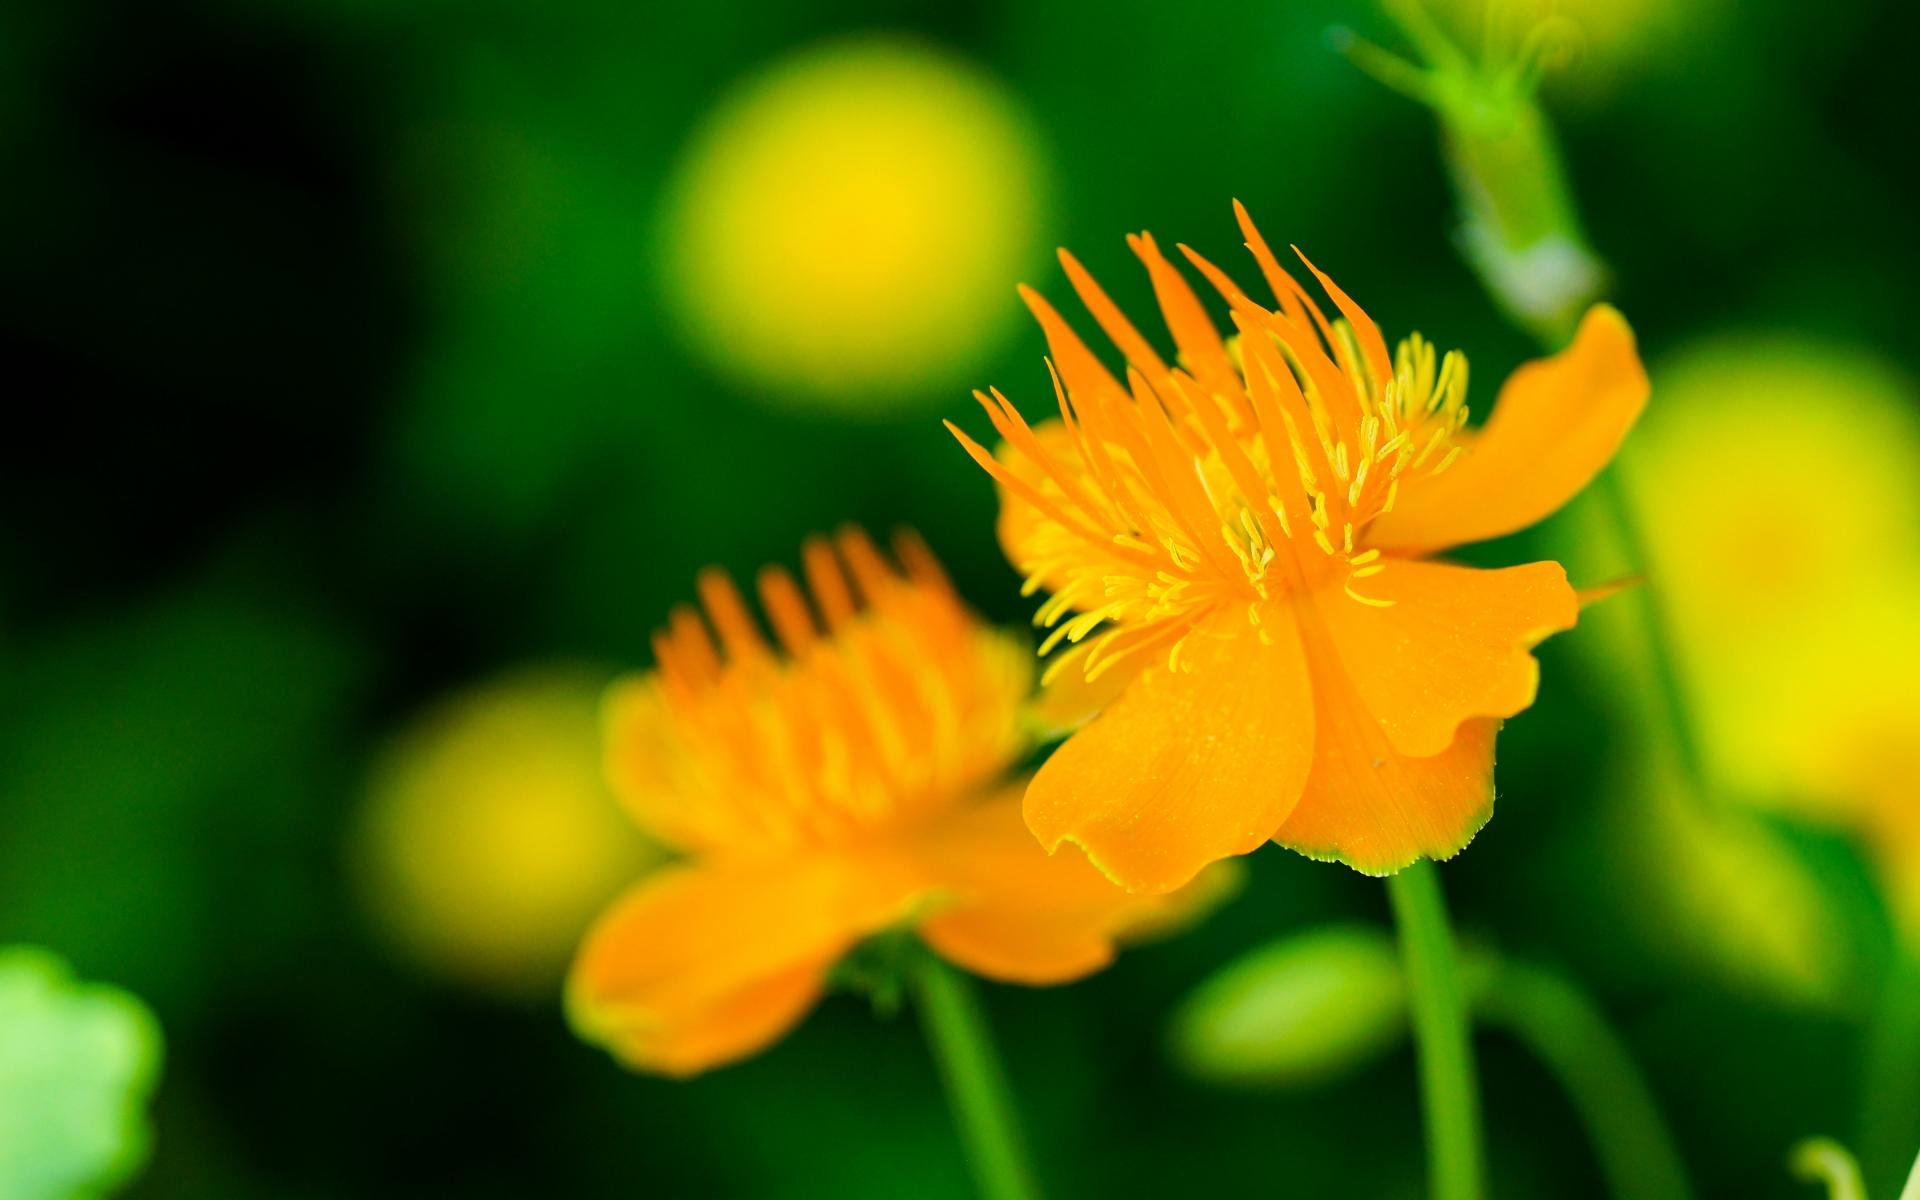 Flores naranjas - 1920x1200